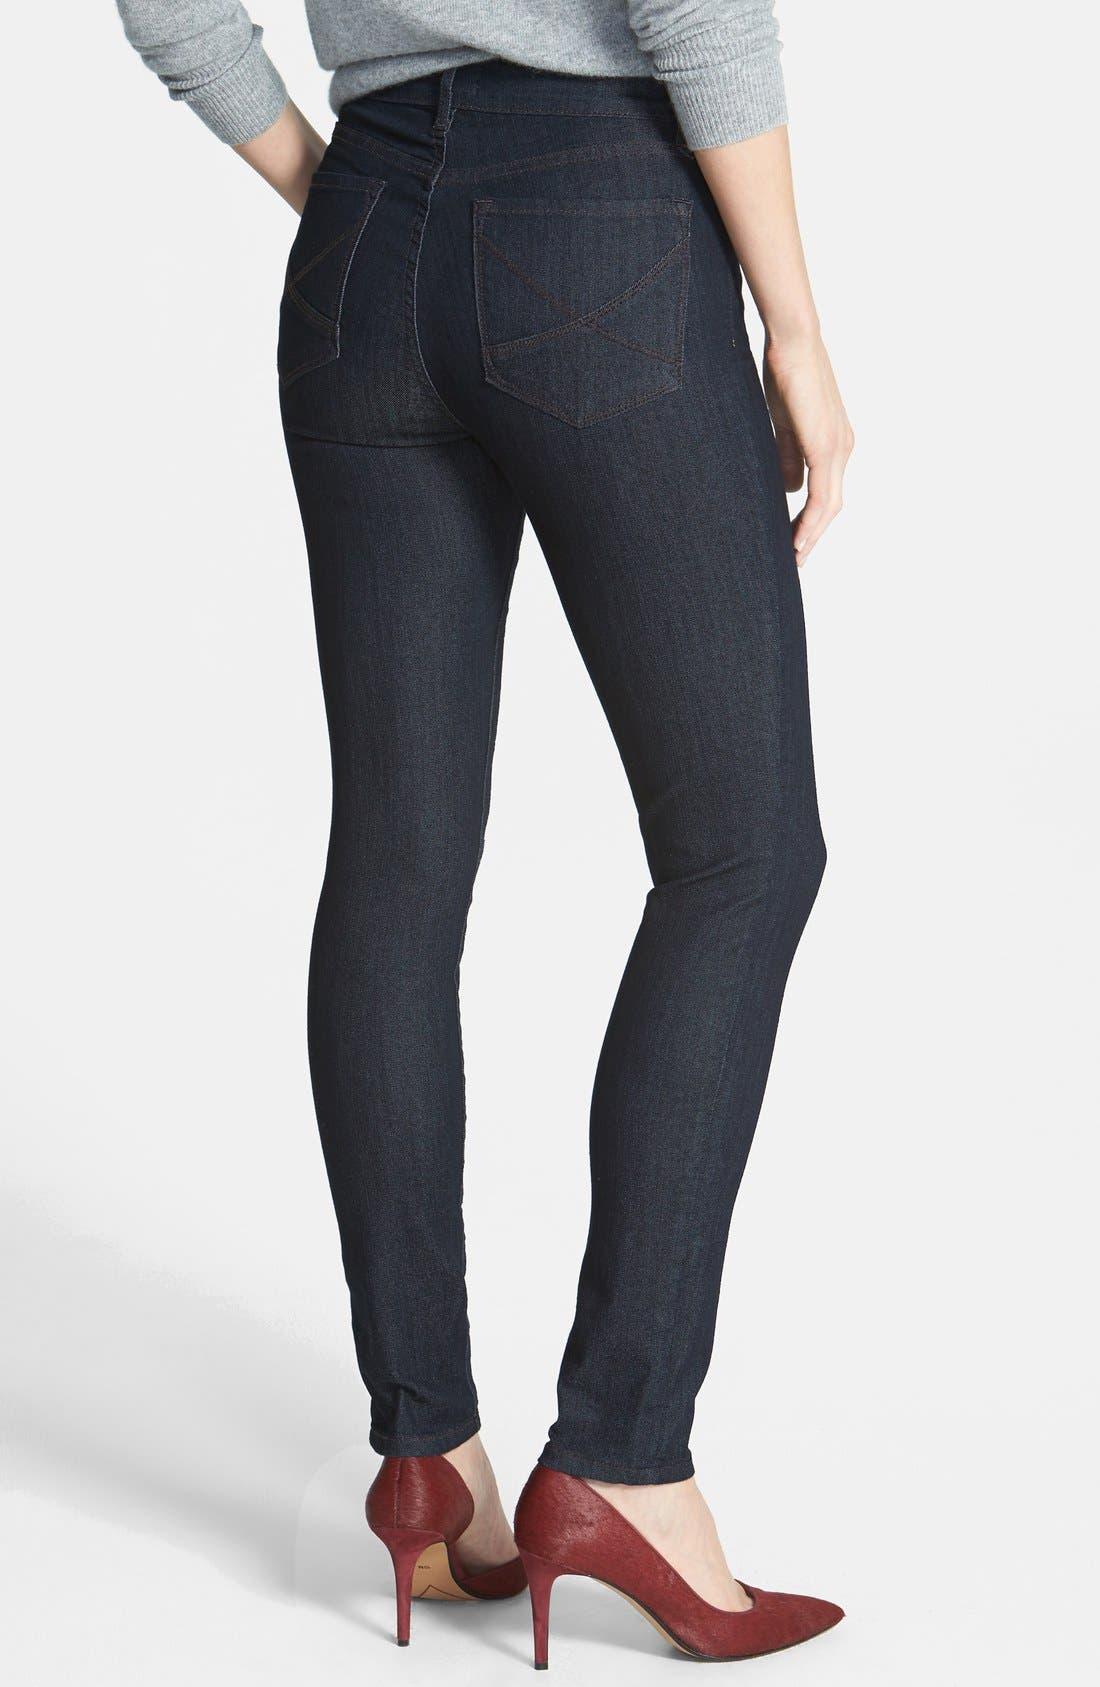 Alternate Image 2  - NYDJ 'Ami' Contrast Stitch Stretch Skinny Jeans (Dark Enzyme)